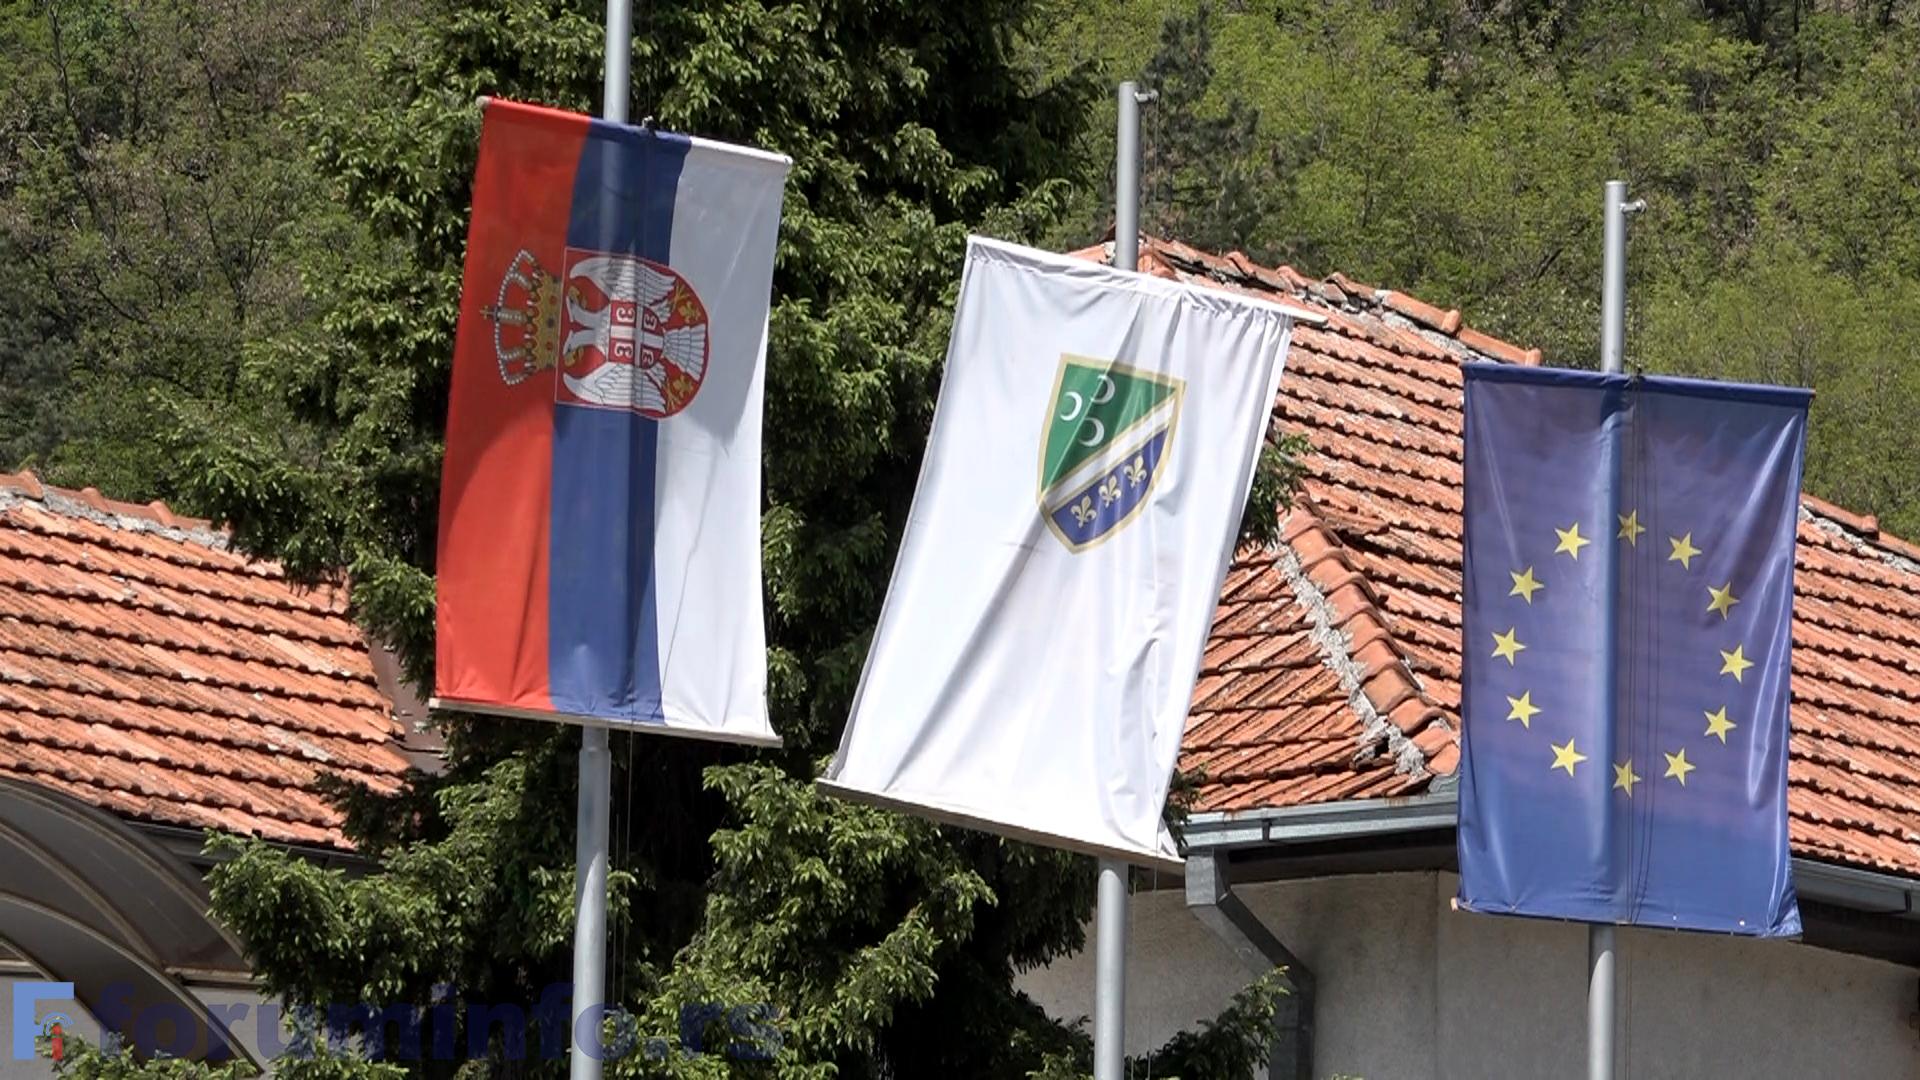 Дан бошњачке националне заставе у петак се обележава у Пријепољу